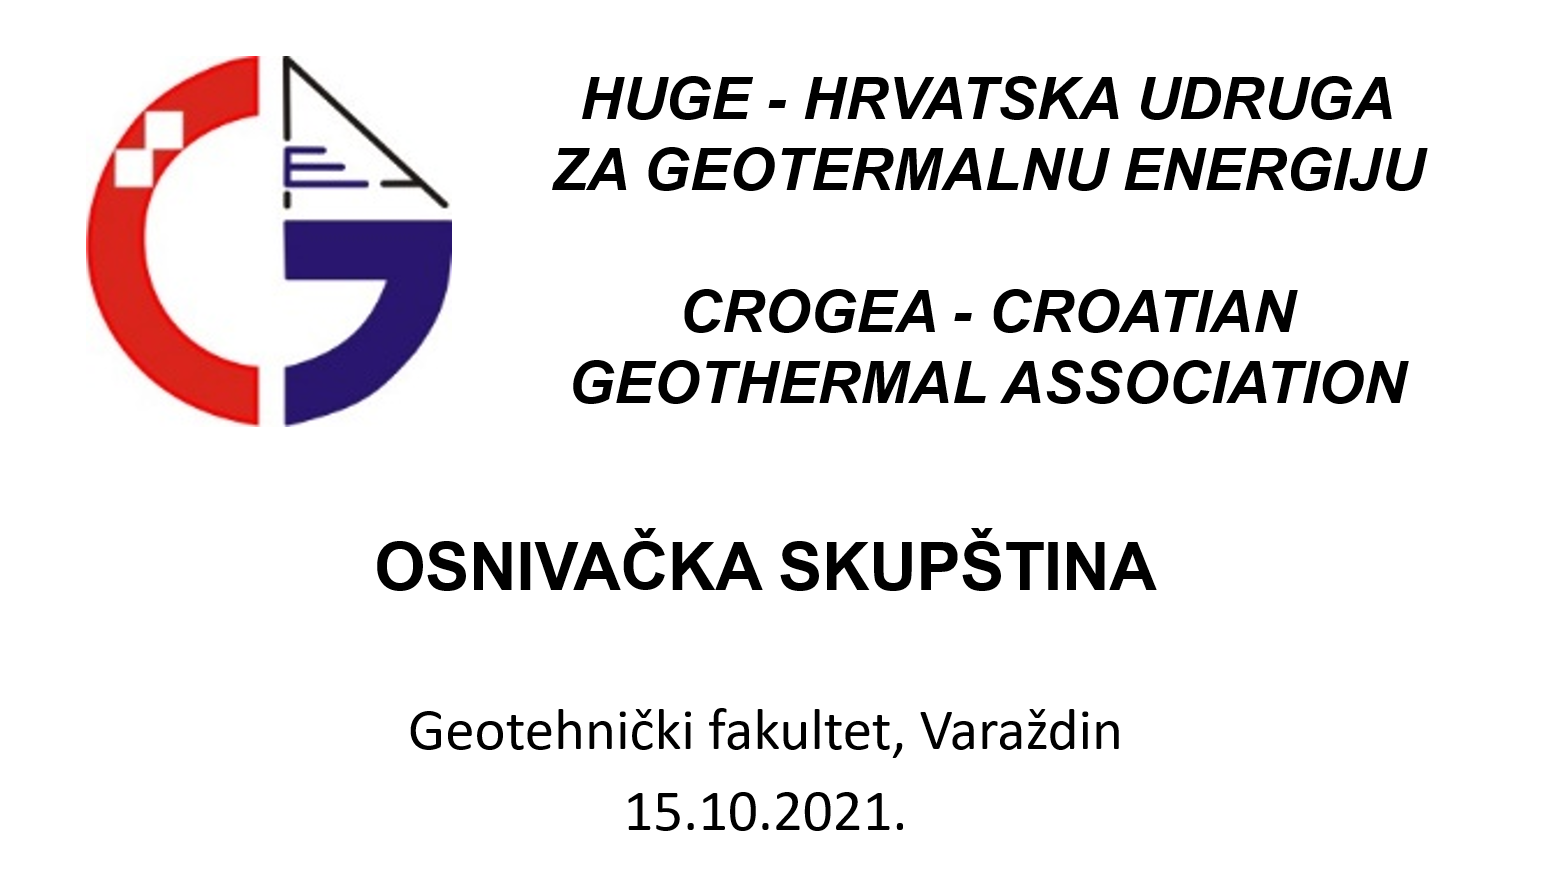 Osnovana Hrvatska udruga za geotermalnu energiju - HUGE